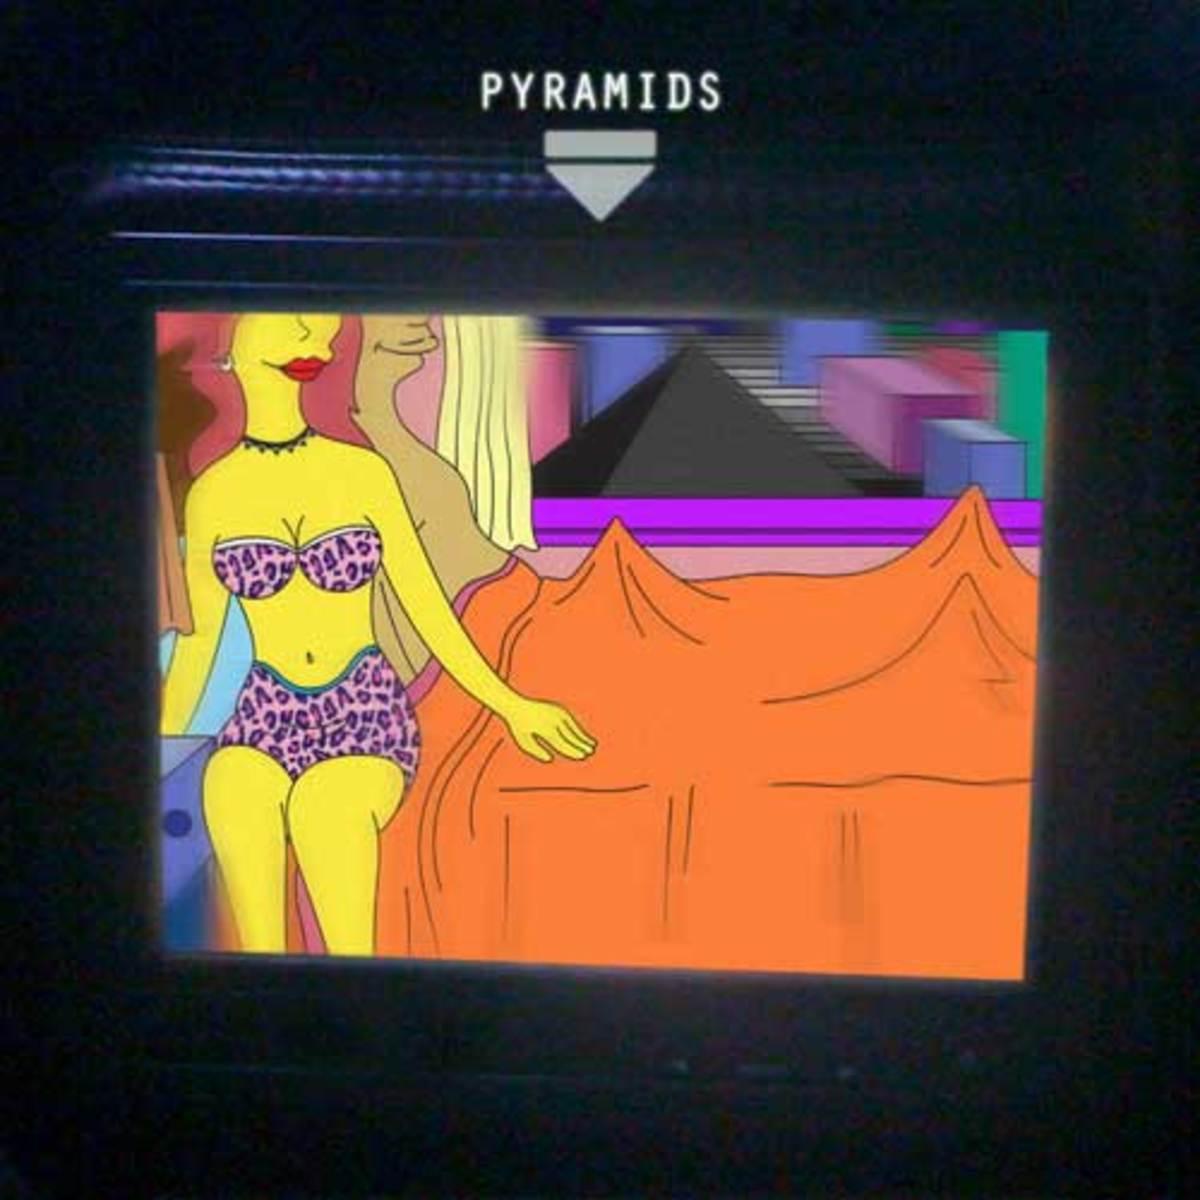 frankocean-pyramids.jpg